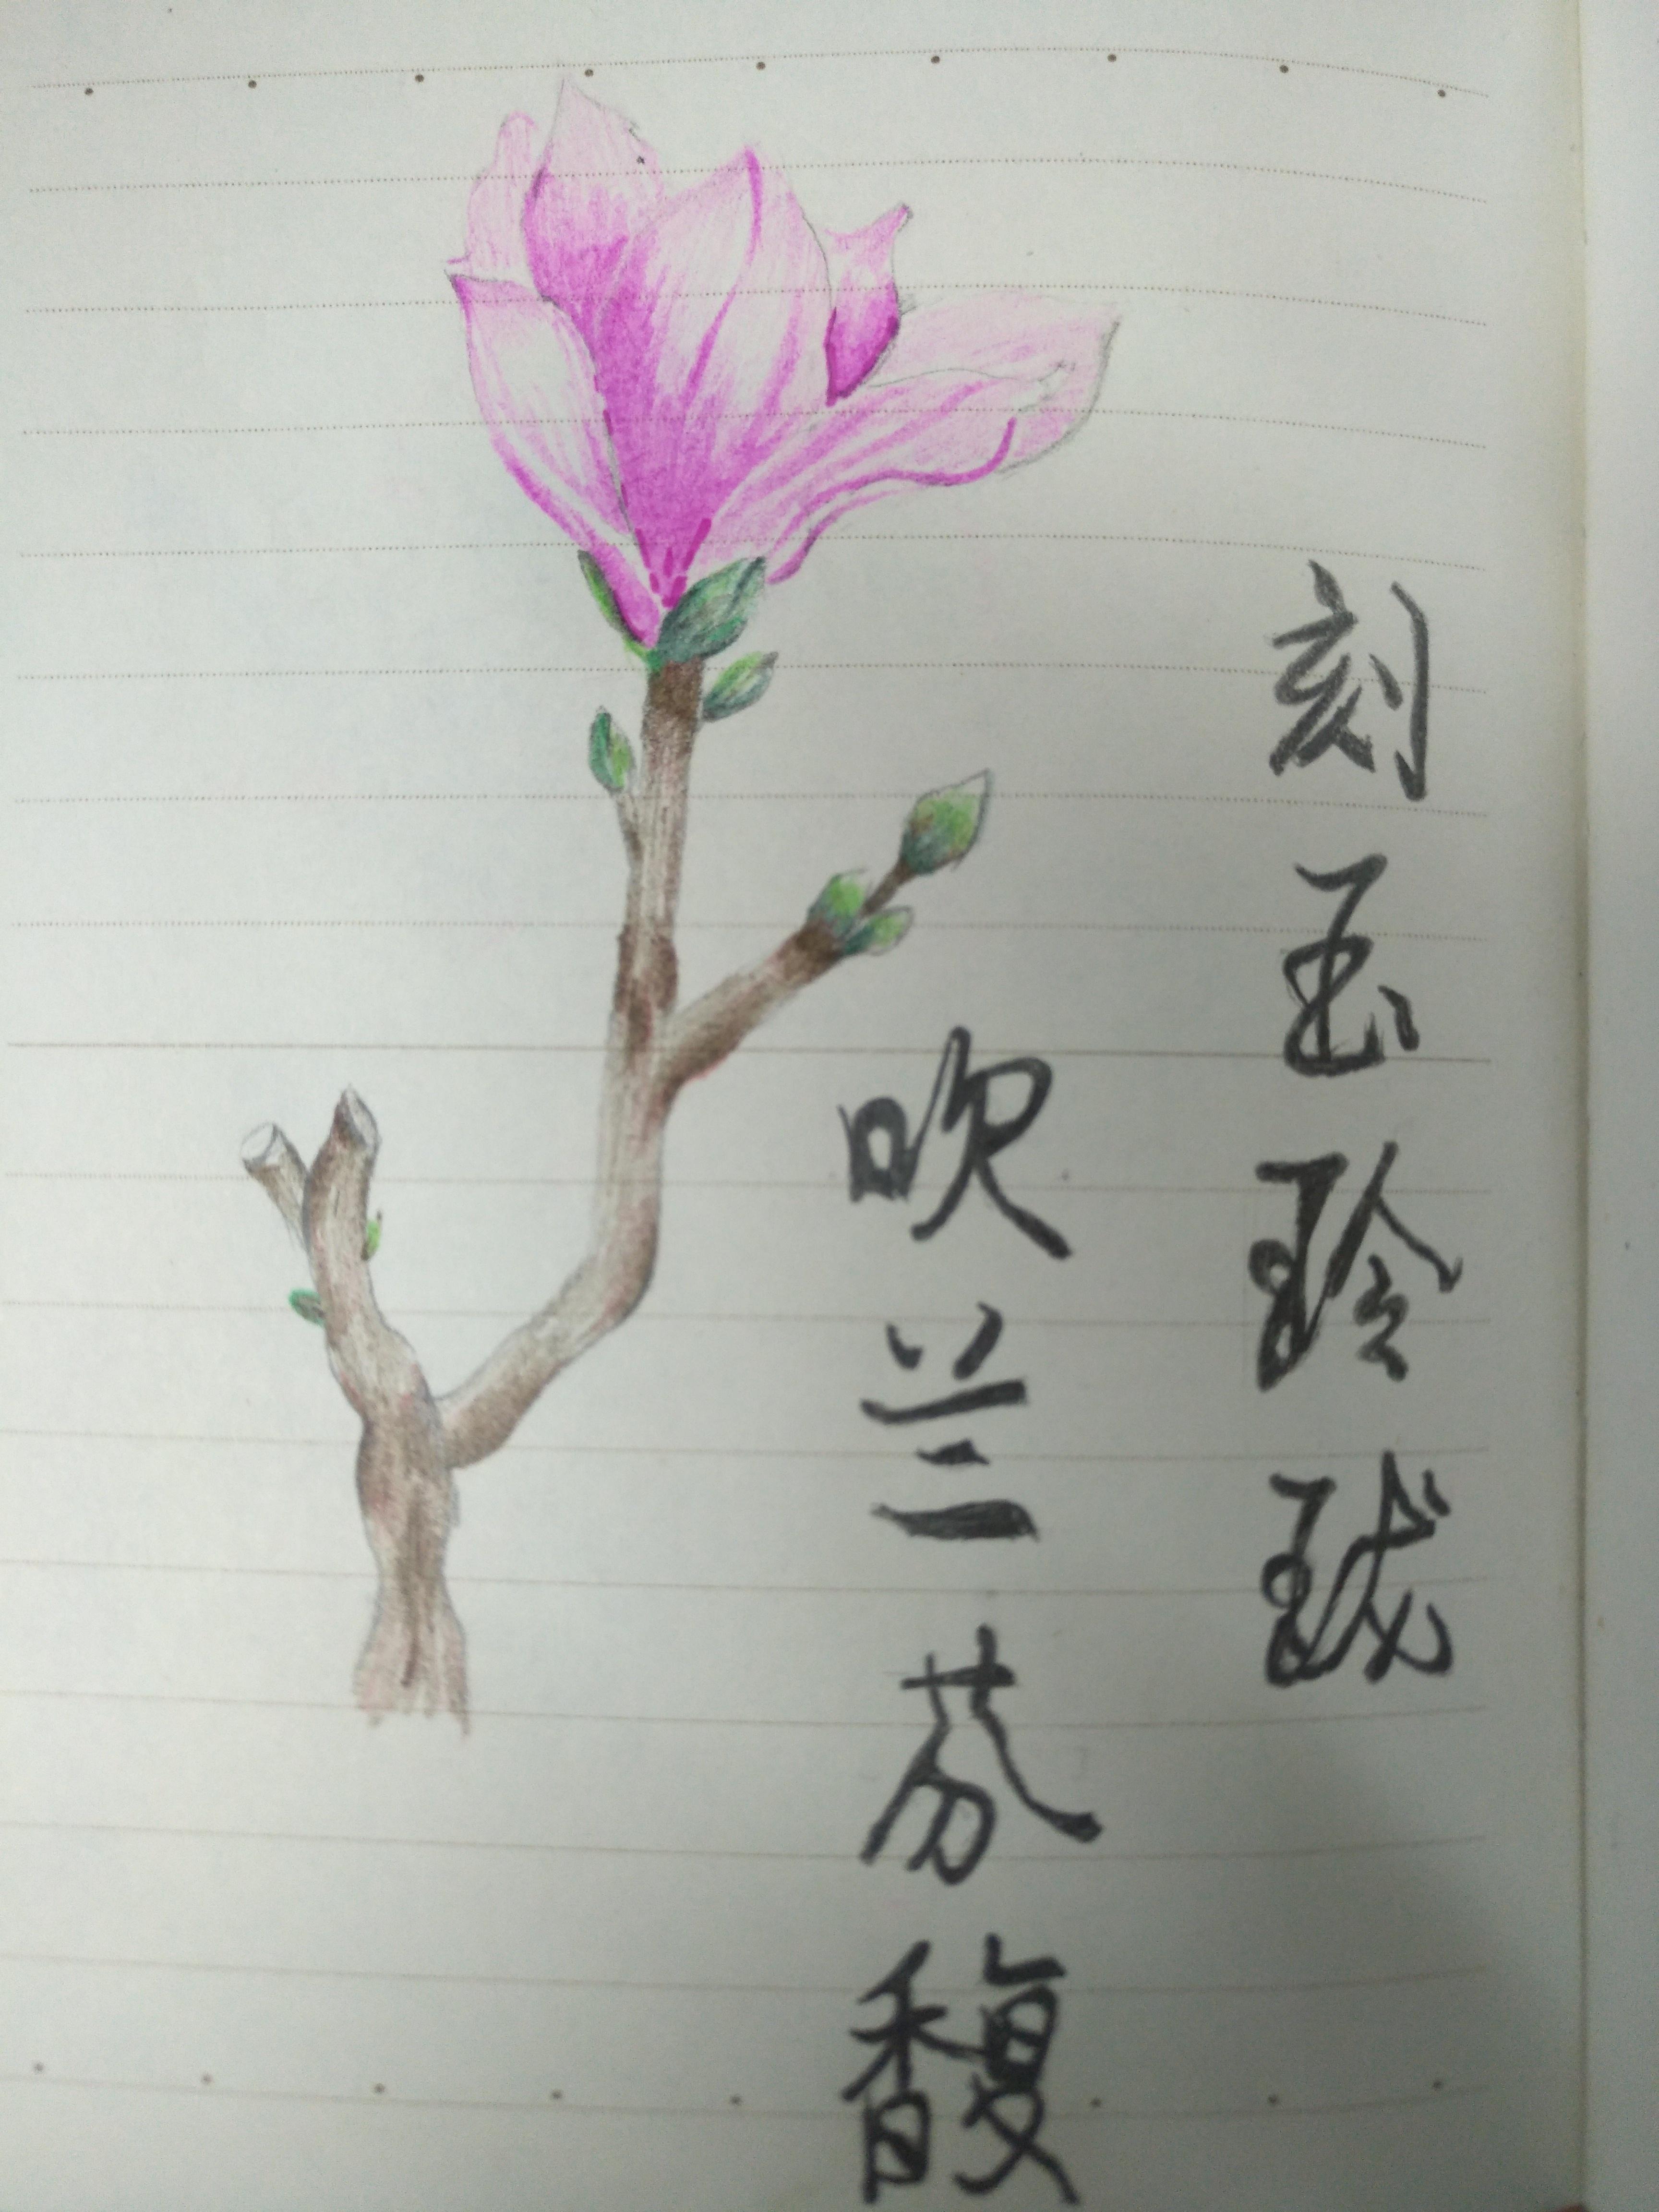 一些简单的手绘|纯艺术|彩铅|折花人 - 原创作品